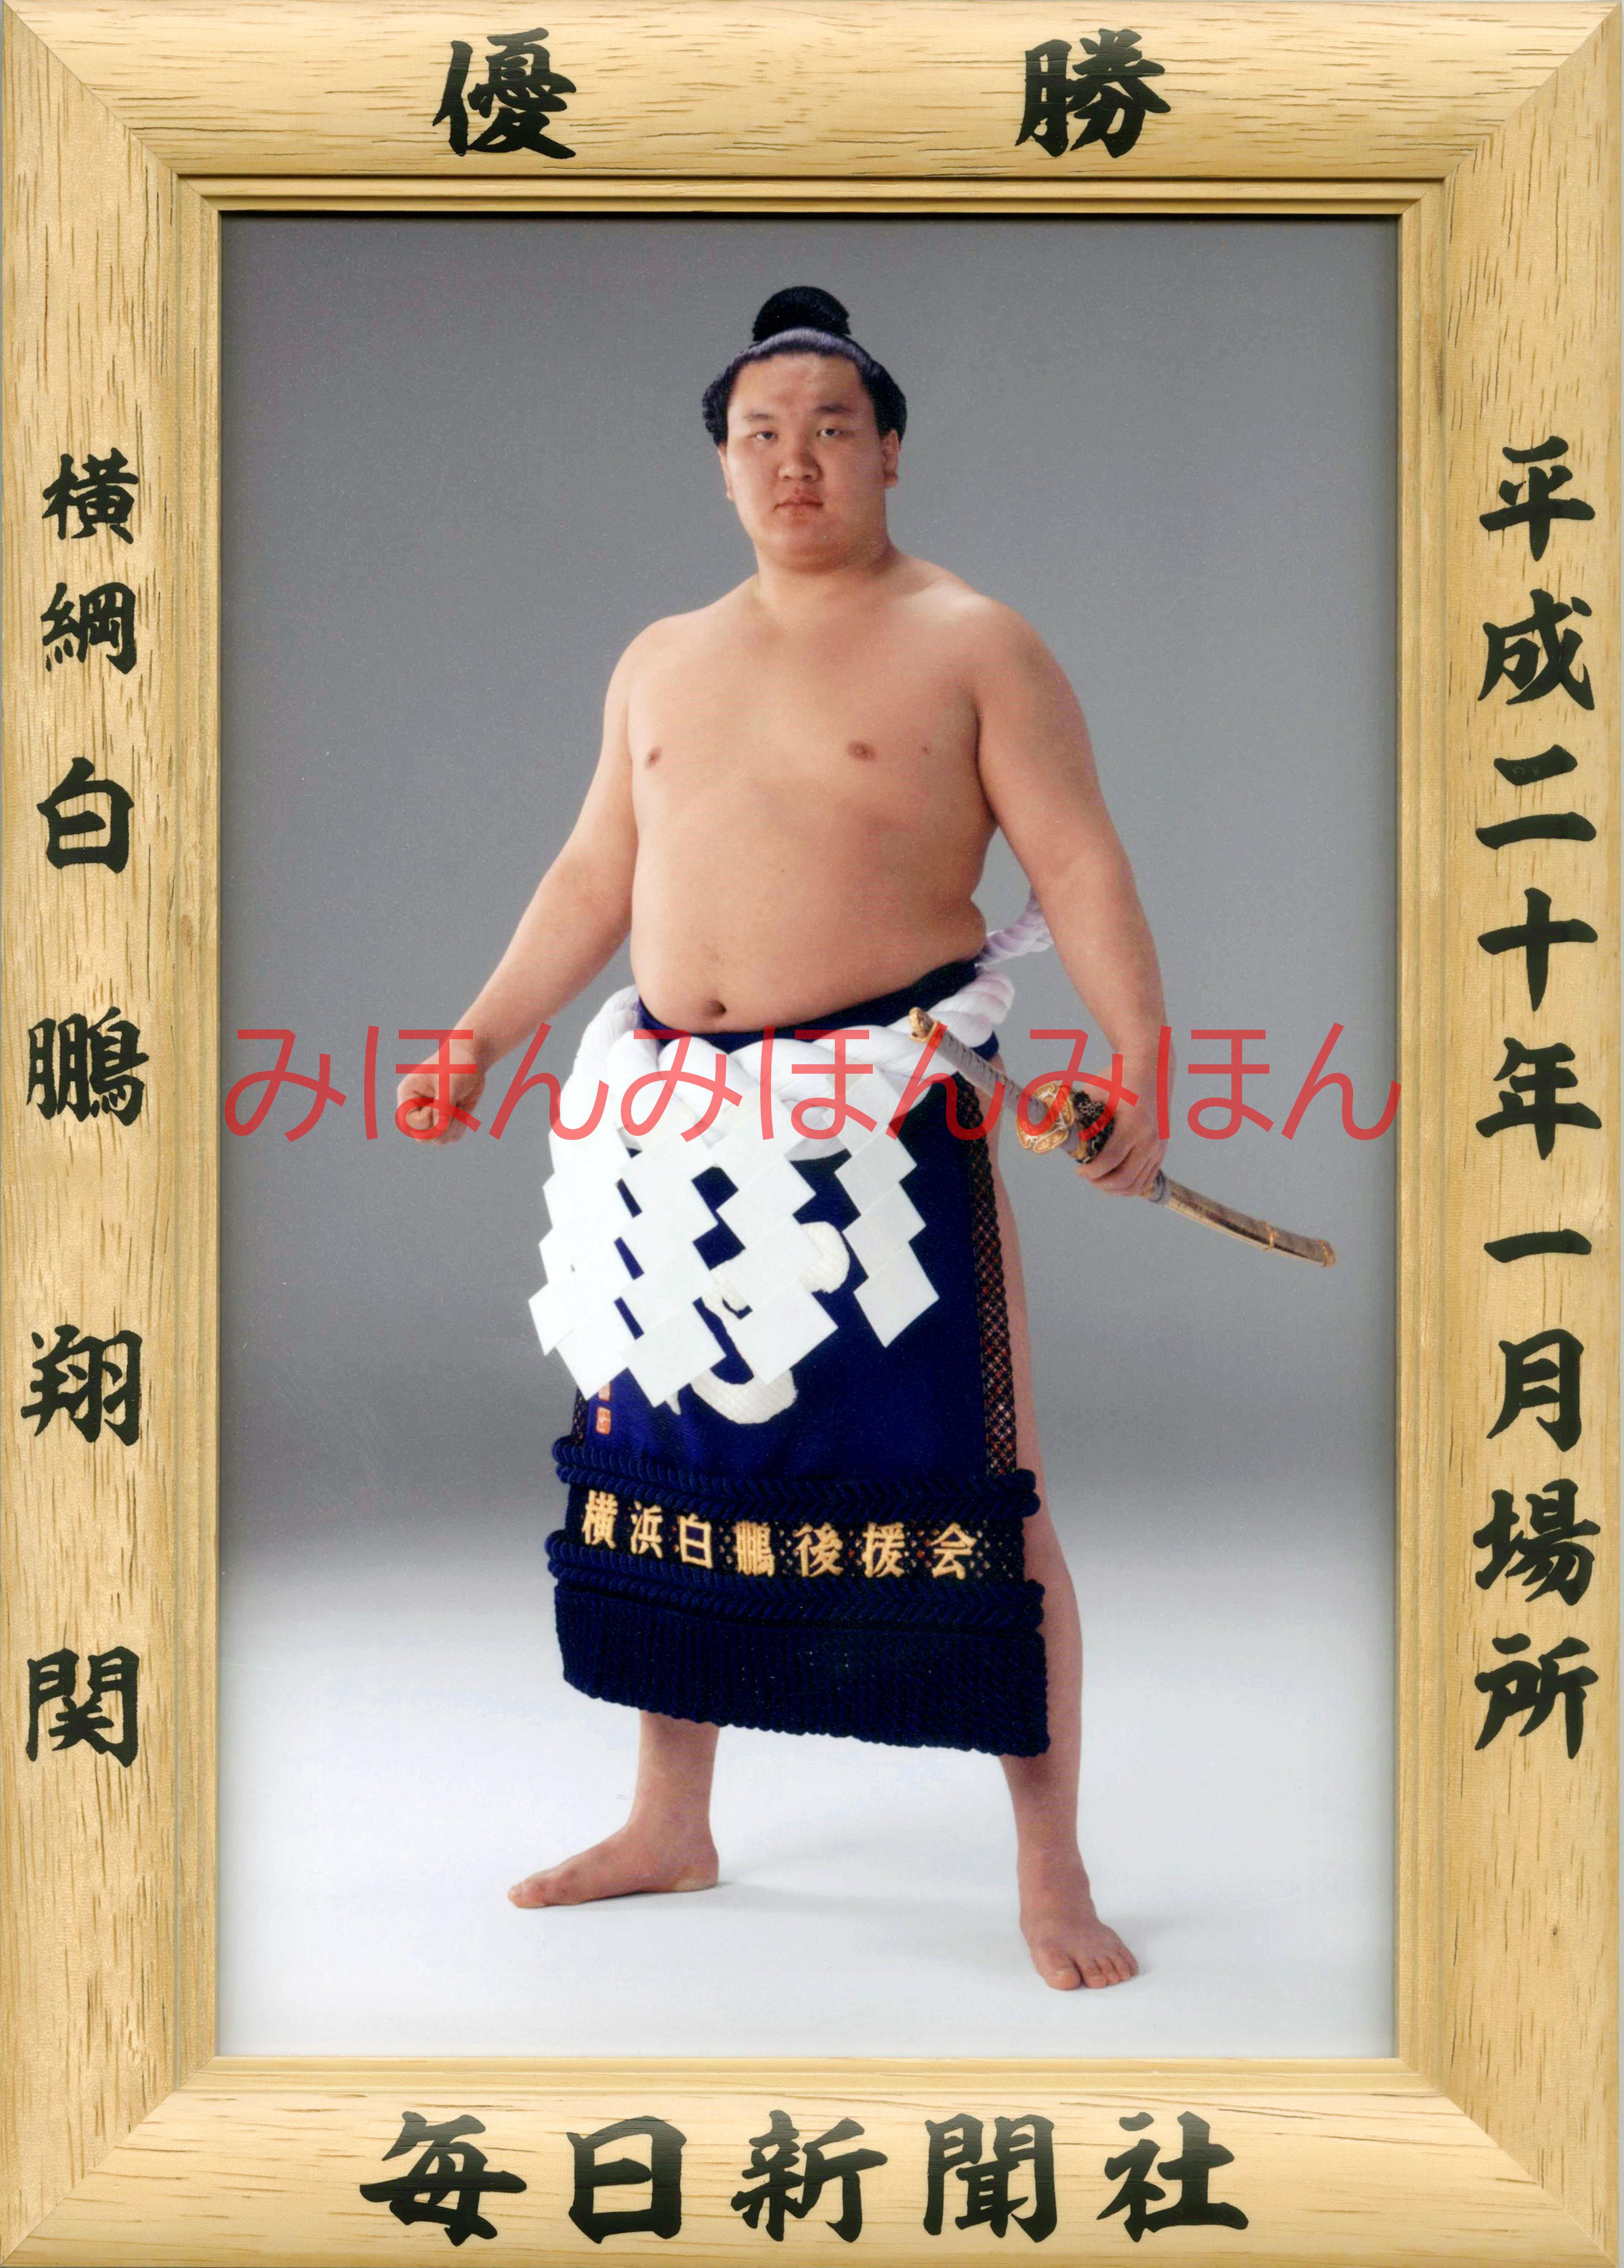 平成20年1月場所優勝 横綱 白鵬翔関(6回目の優勝)